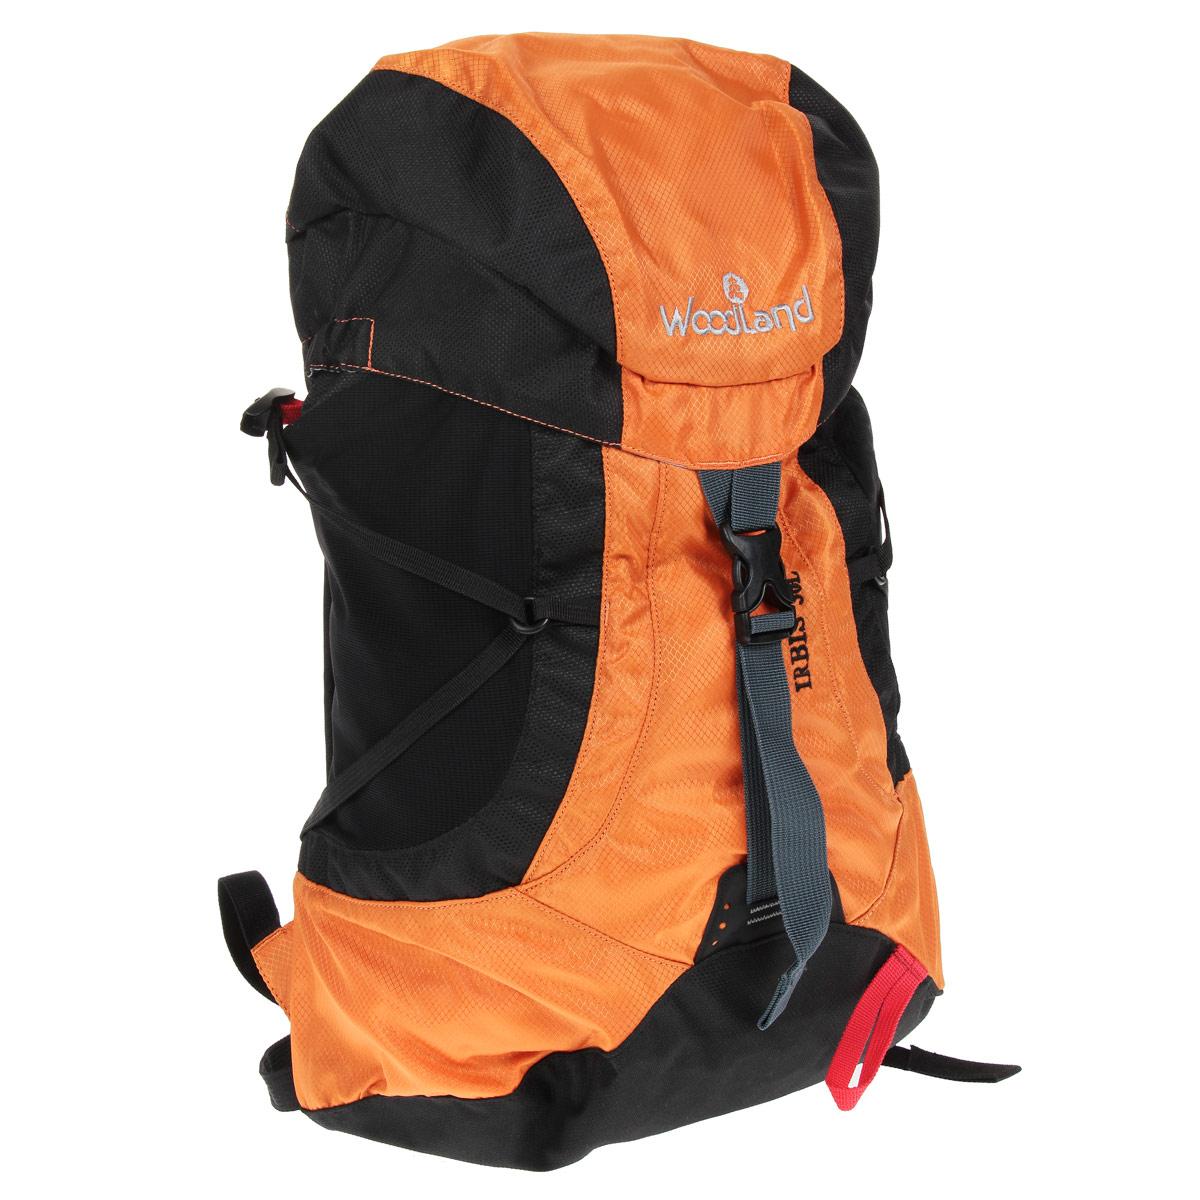 Рюкзак WoodLand Irbis 30, цвет: оранжевый, черный30783Классический универсальный рюкзак WoodLand Irbis 30 идеально подходит для восхождений в альпийском стиле, коротких походов и лыжных маршрутов. Компактный и легкий он прекрасно сидит на спине, не стесняя движений.Особенности рюкзака:Клапан несъемный с двумя карманами.Два кармашка на молнии на поясном ремне.Три внутренних кармашка (один на молнии).Raincover (защитный чехол) в комплекте.Два стрейч кармана на лямках.Вентилируемые лямки.Грудная стяжка с резиновым компенсатором.Пластиковая фурнитура YKK.